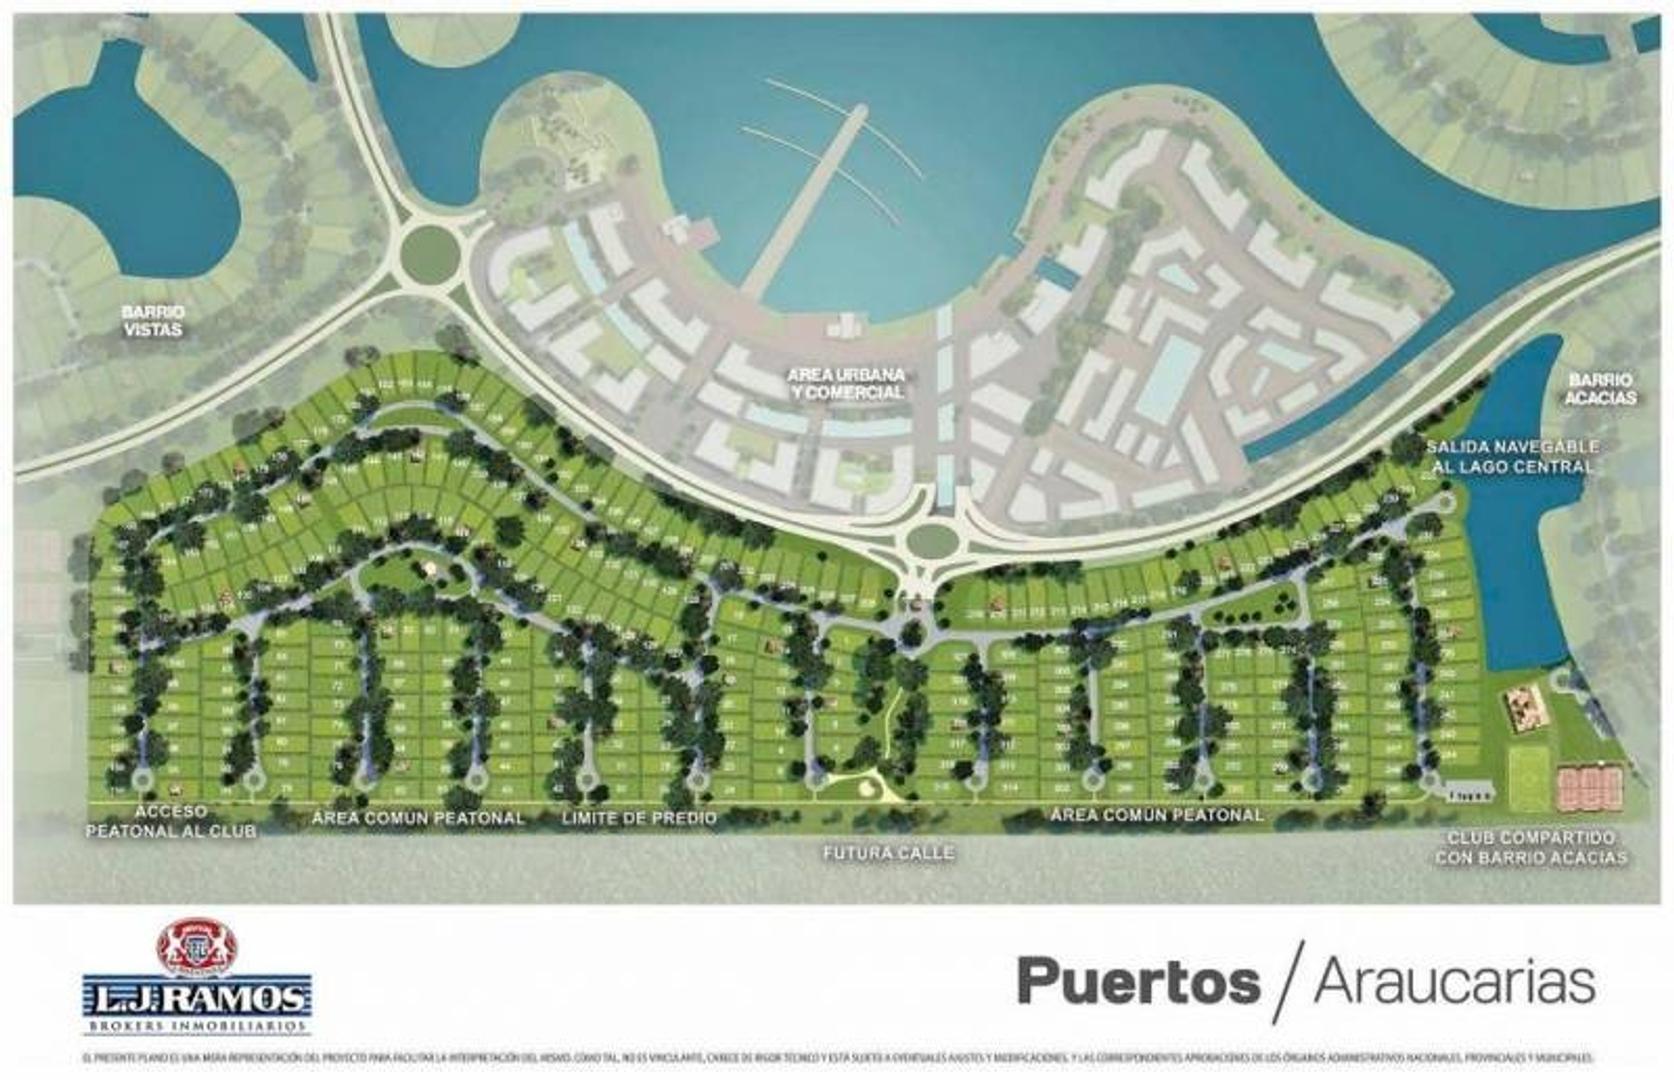 PUERTOS - BARRIO ARAUCAURIAS - RAMAL ESCOBAR KM 45 - LOTE 163 - 100